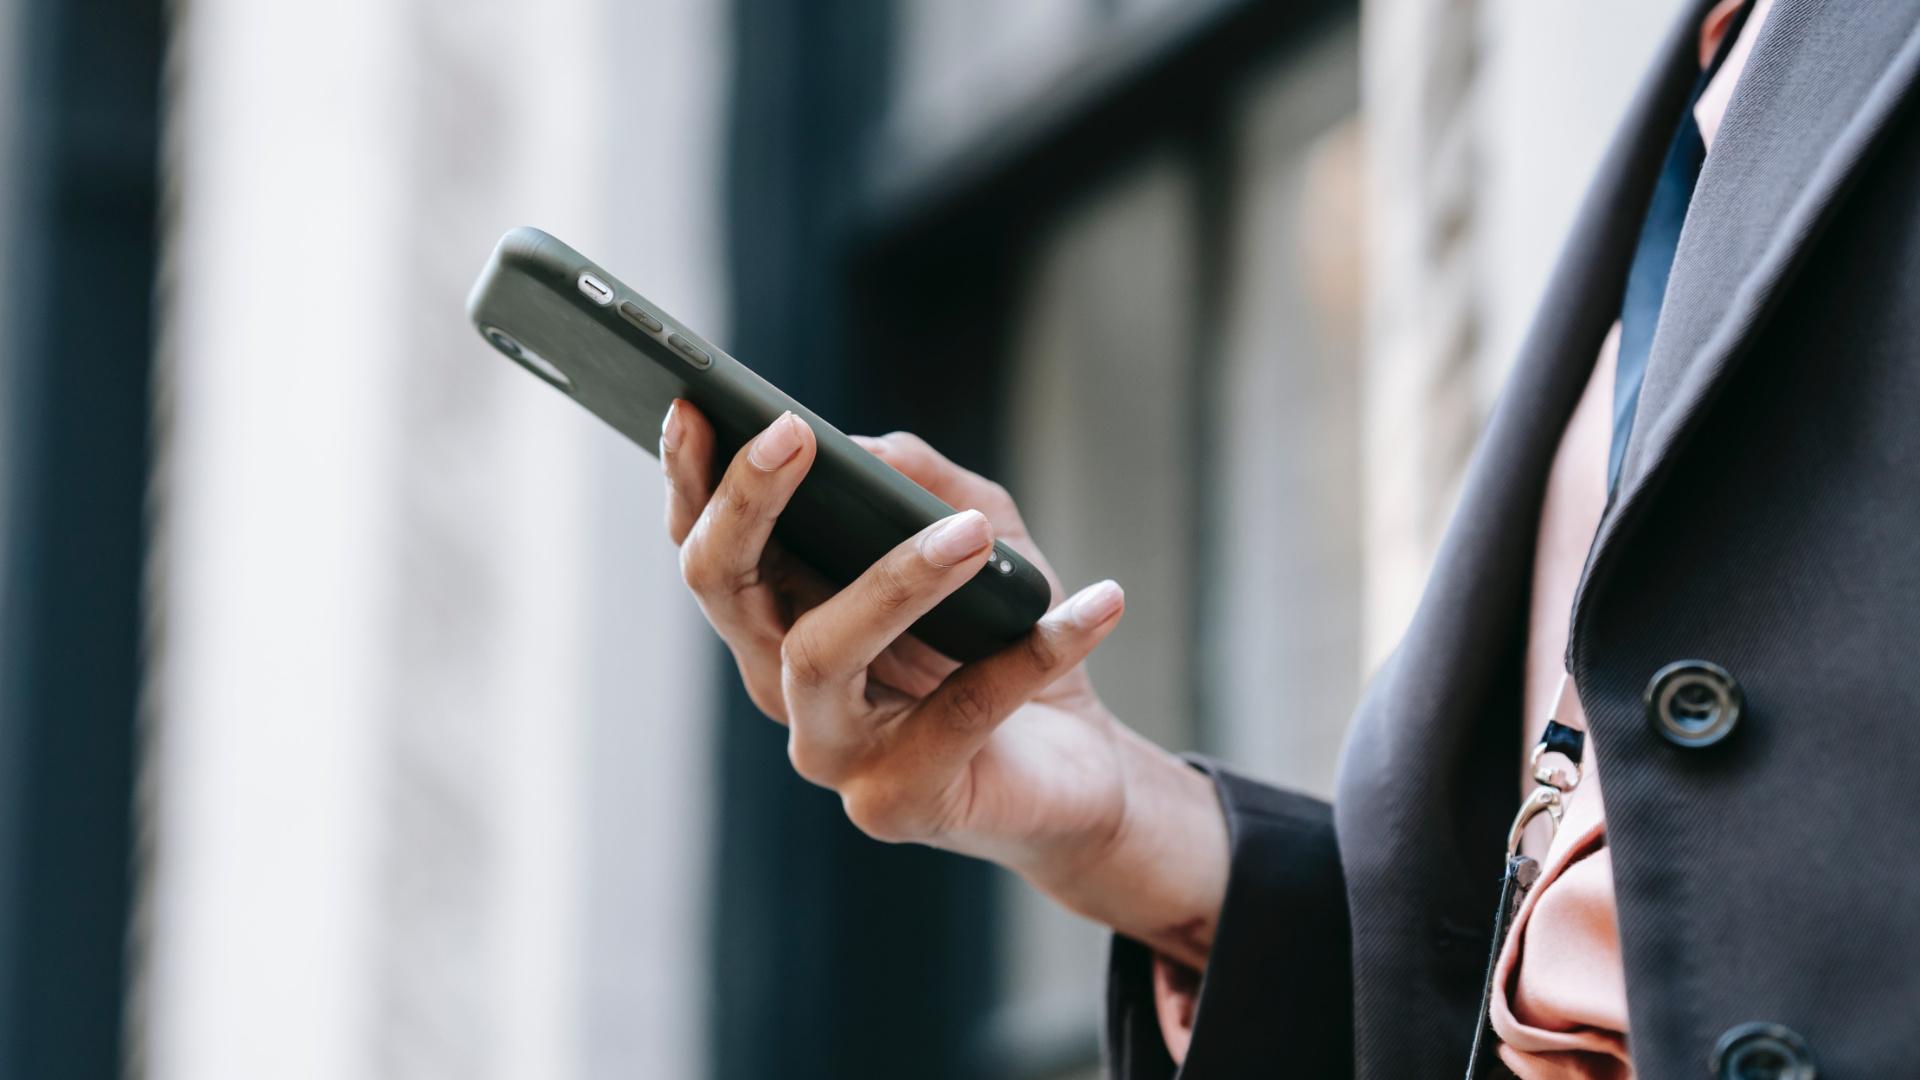 Pourquoi le prix des smartphones reconditionnés pourrait légèrement augmenter